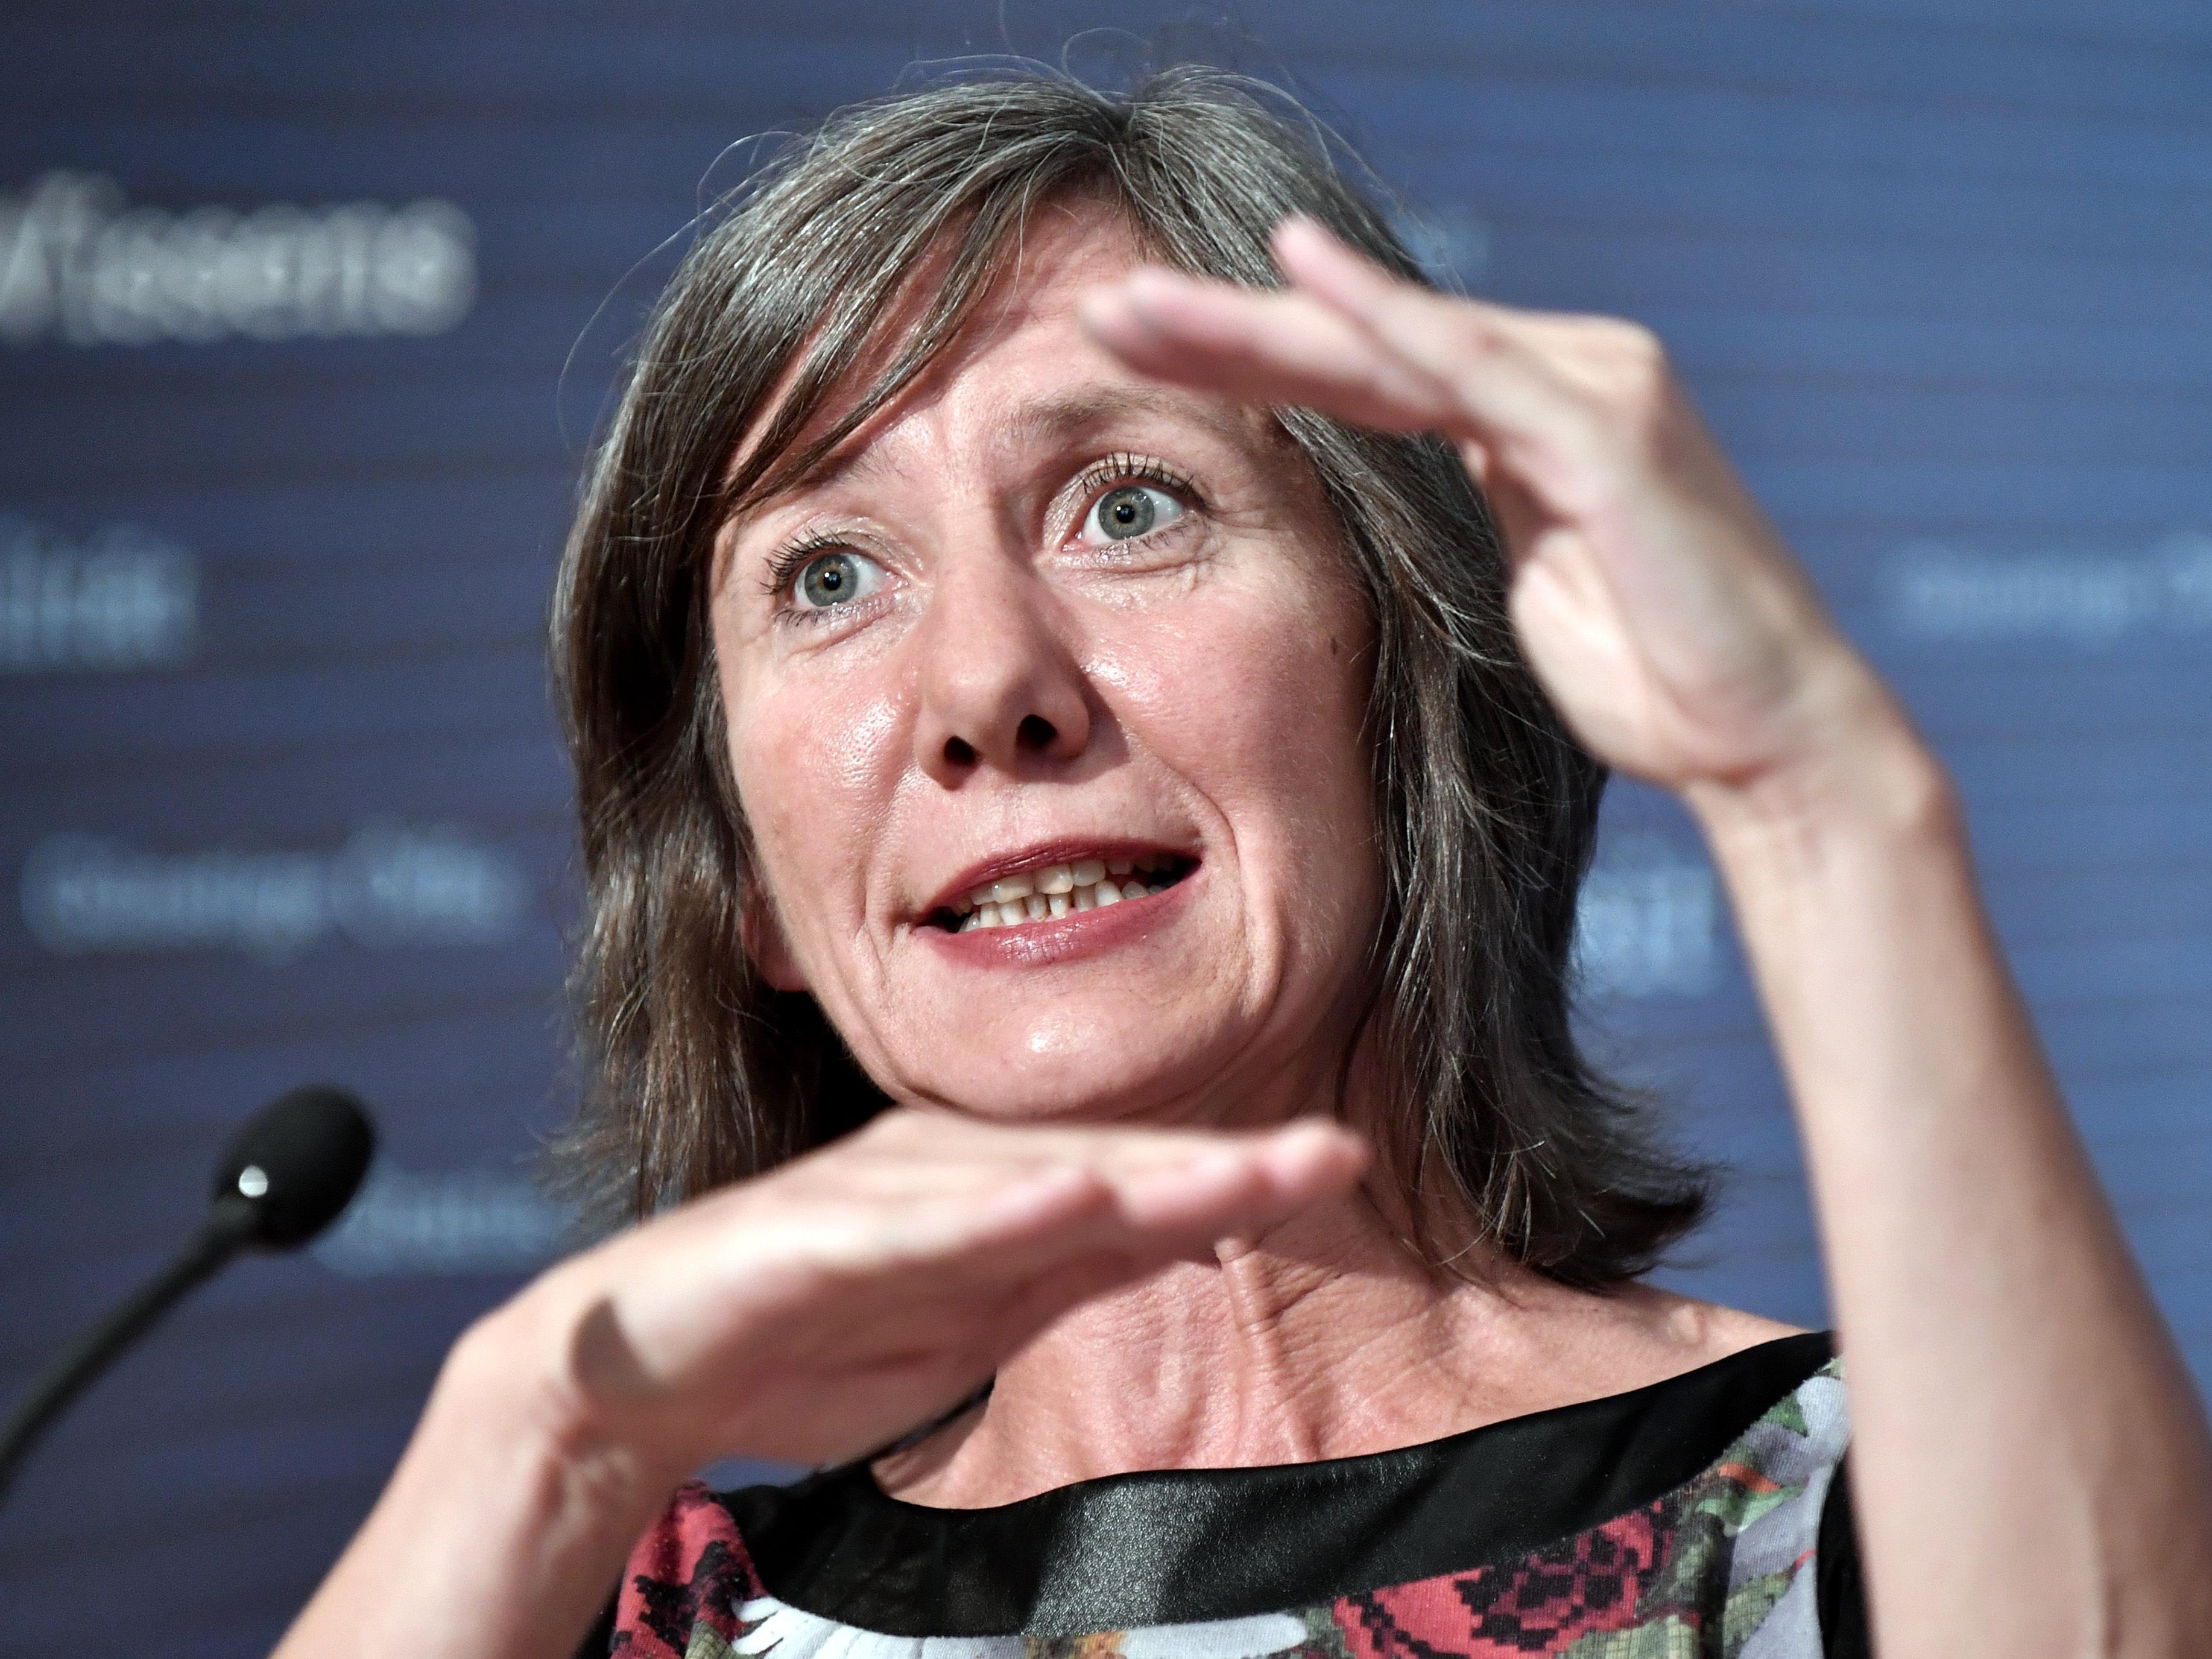 Sozialsprecherin Birgit Hebein (Grüne) wirft der ÖVP vor, den Neiddiskurs anzuheizen